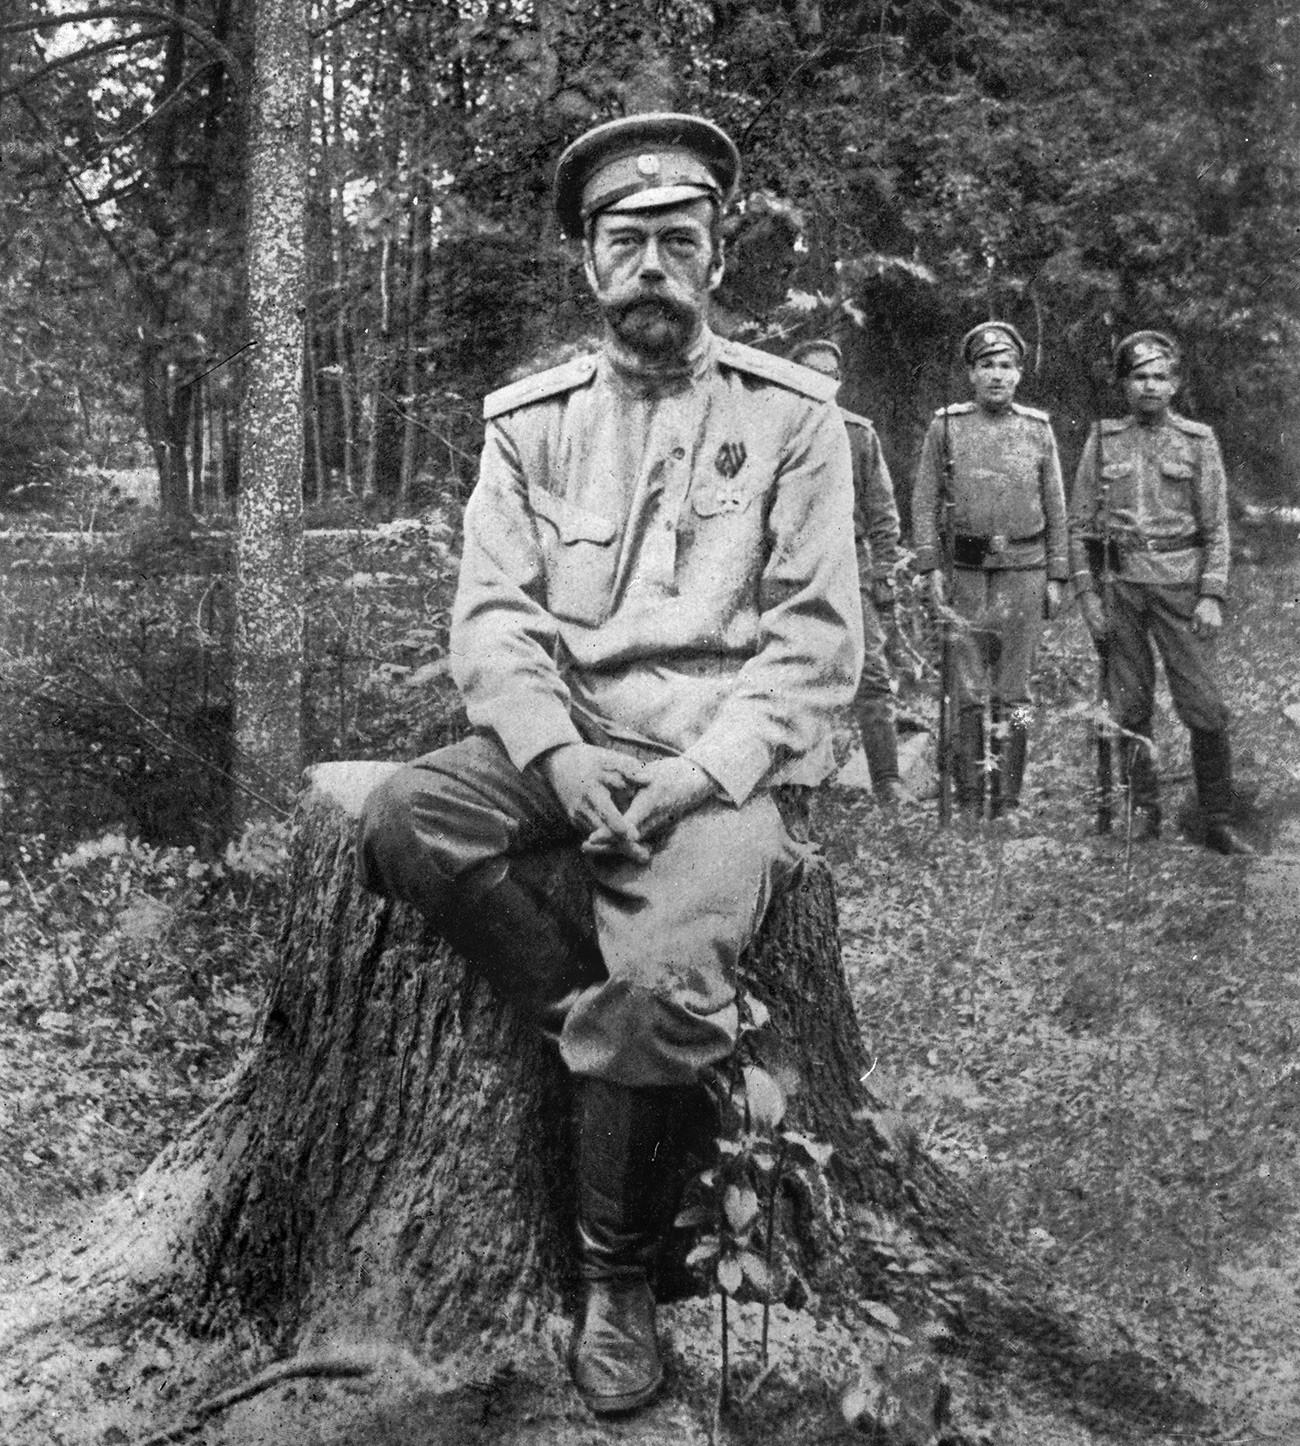 Nikolai Romanov, saat tak lagi menjadi kaisar, di Tsarskoye Selo, 1917.